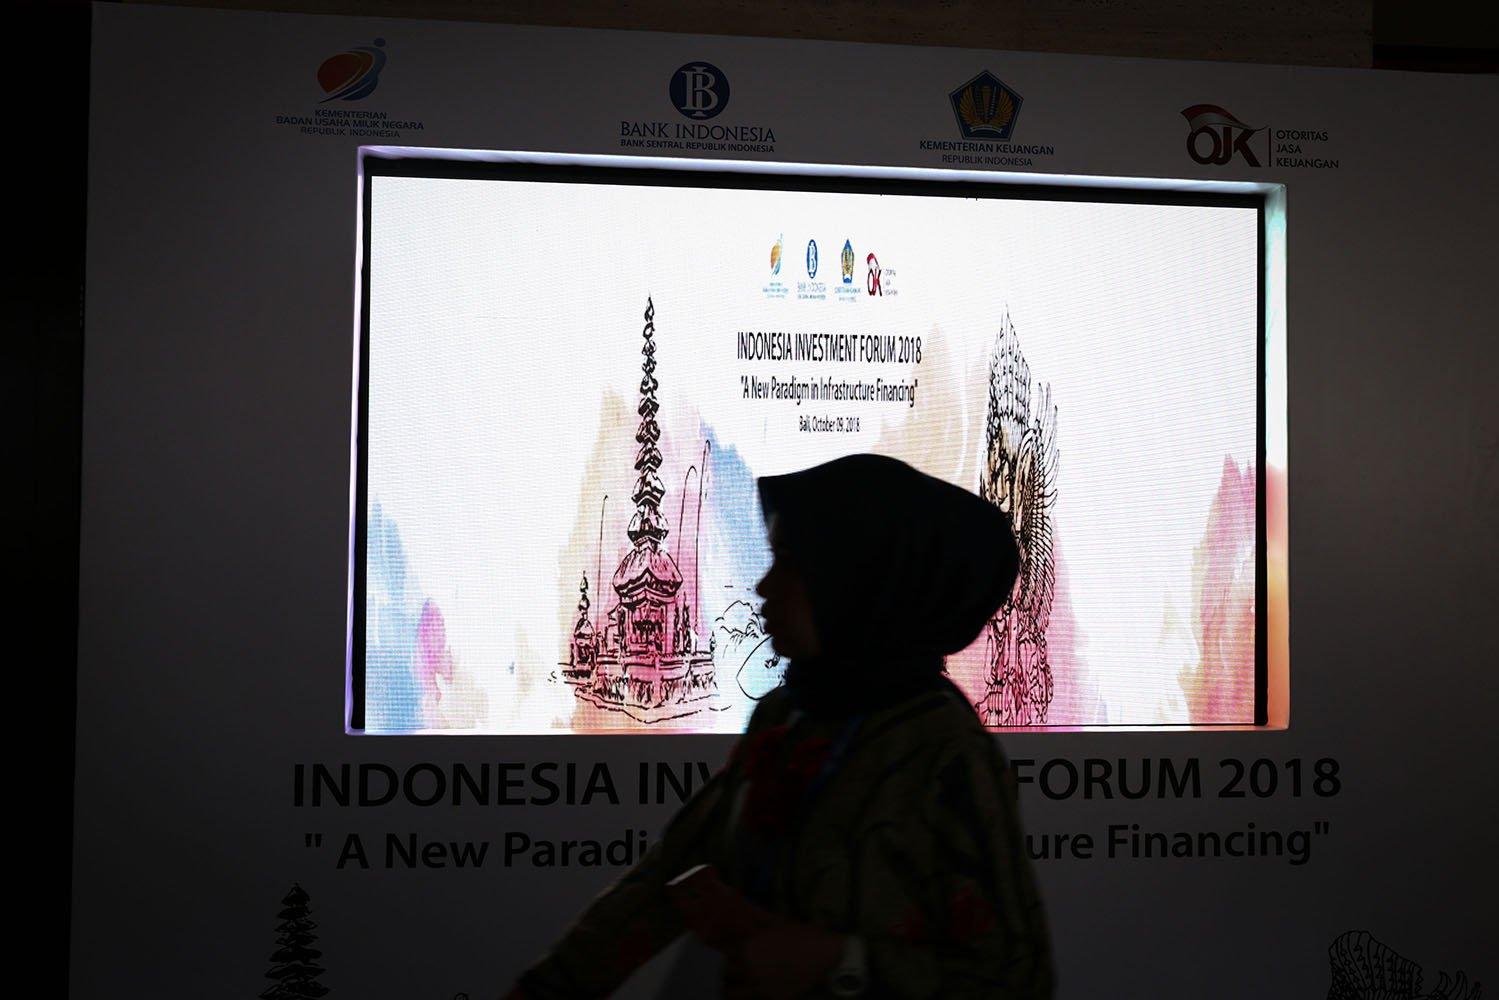 Indonesia memperjuangkan tema prioritas di bidang keuangan dalam pertemuan IMF-World Bank, mengenai ekonomi dan keuangan syariah. Kesempatan ini digunakan untuk menunjukkan kepada dunia internasional mengenai pencapaian dan potensi besar yang dimiiki Indonesia dalam bidang tersebut.